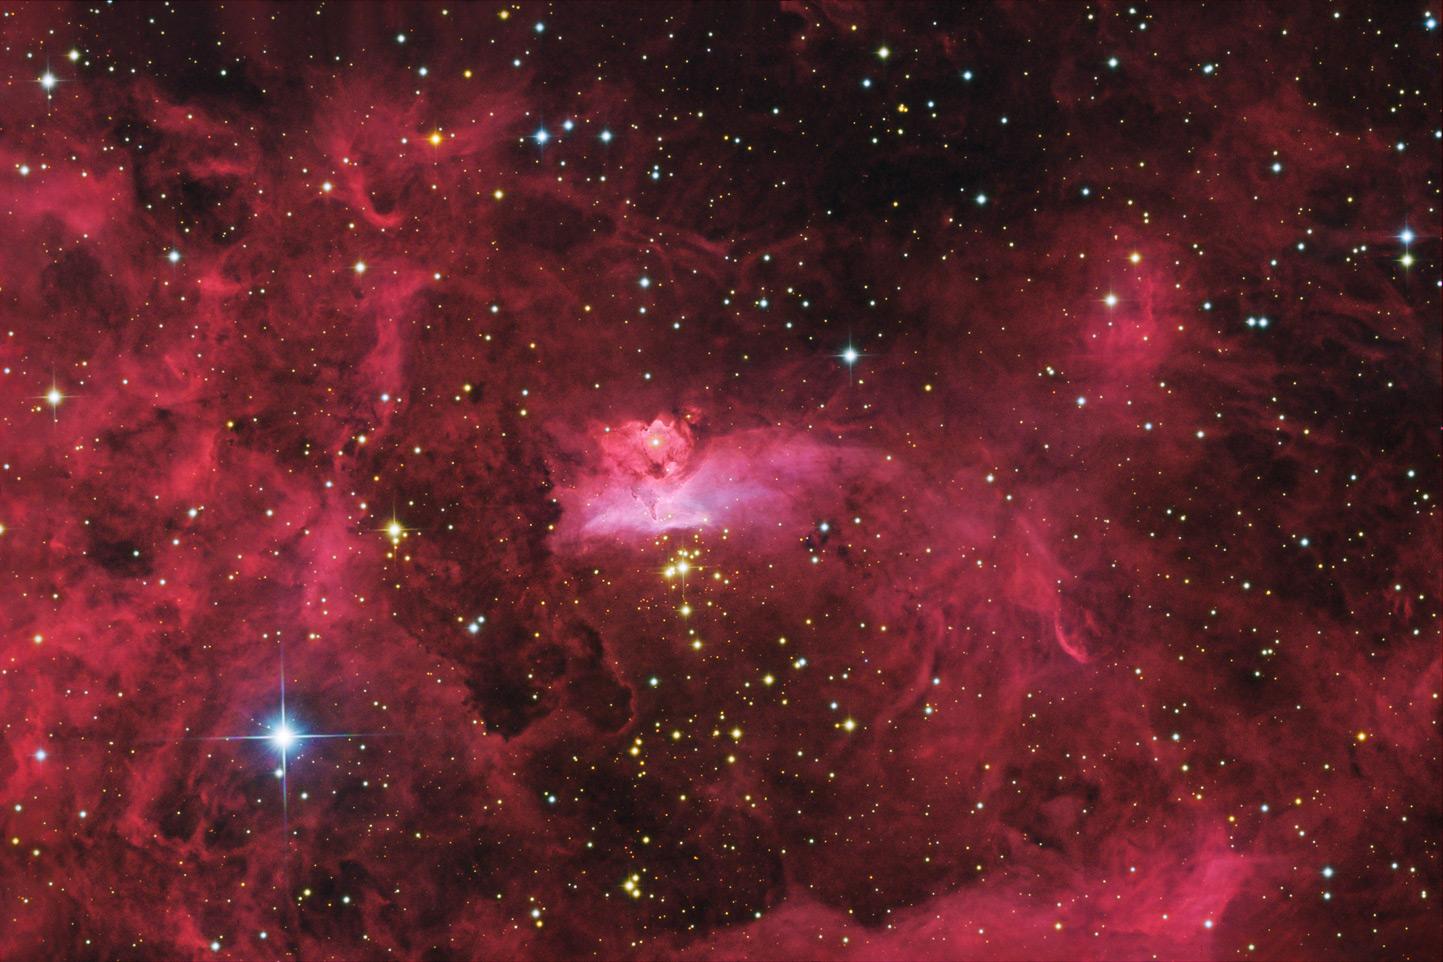 massive star pics from nasa - photo #18